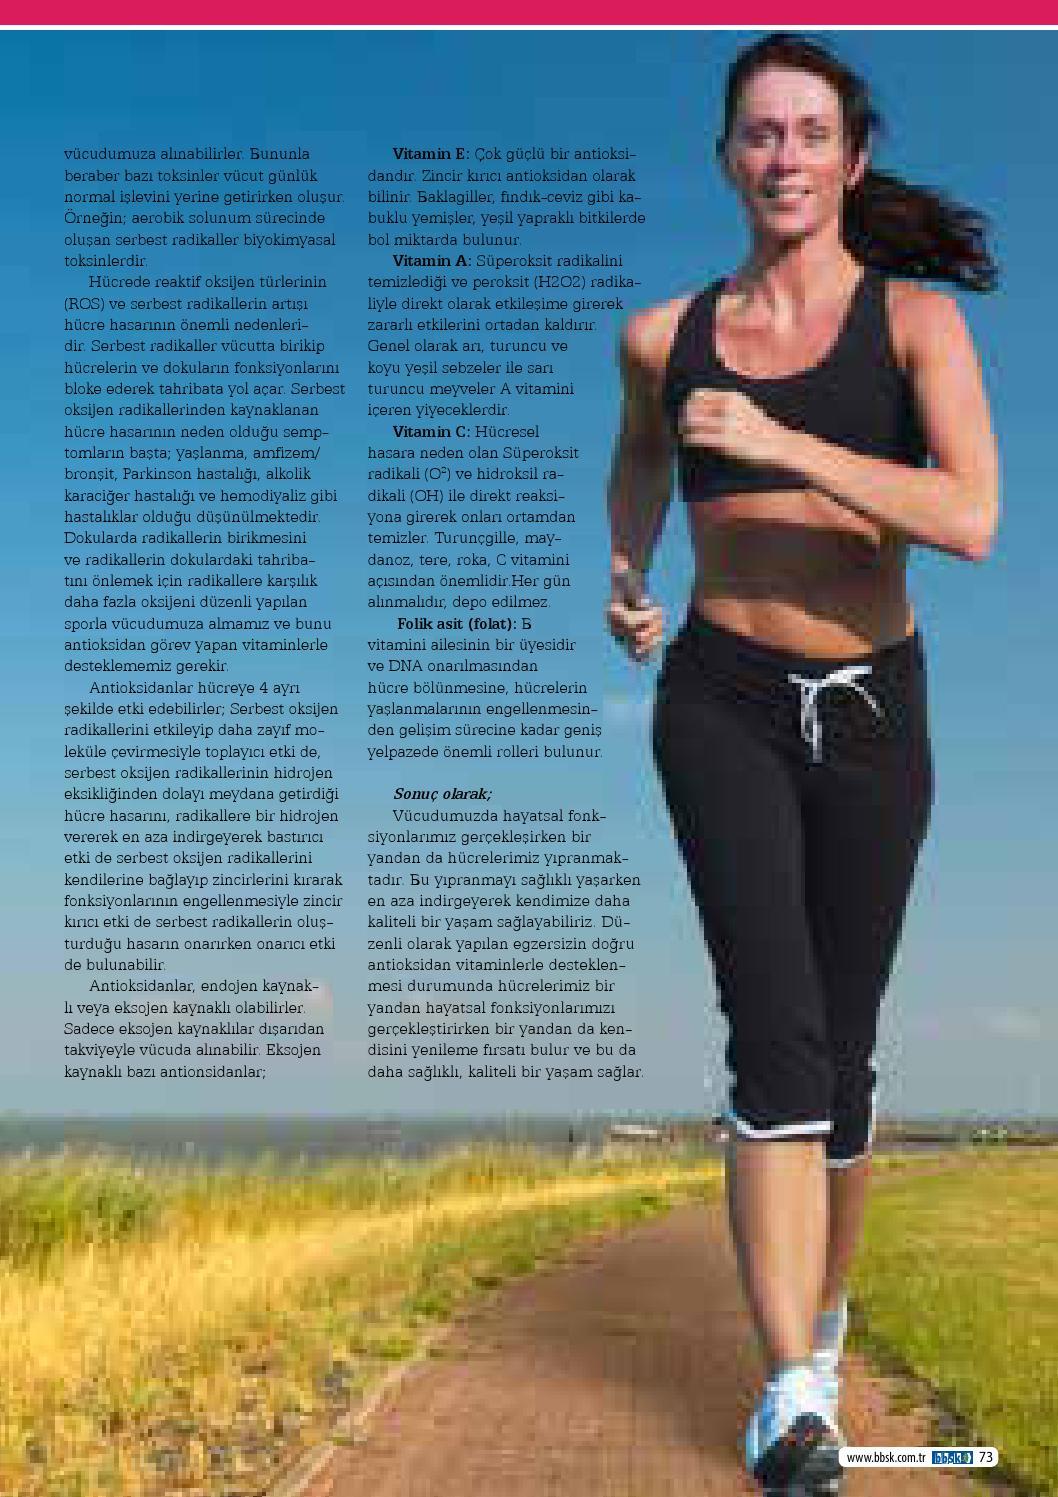 Утренняя Бег Для Похудения. Утренние пробежки для эффективного похудения для новичков